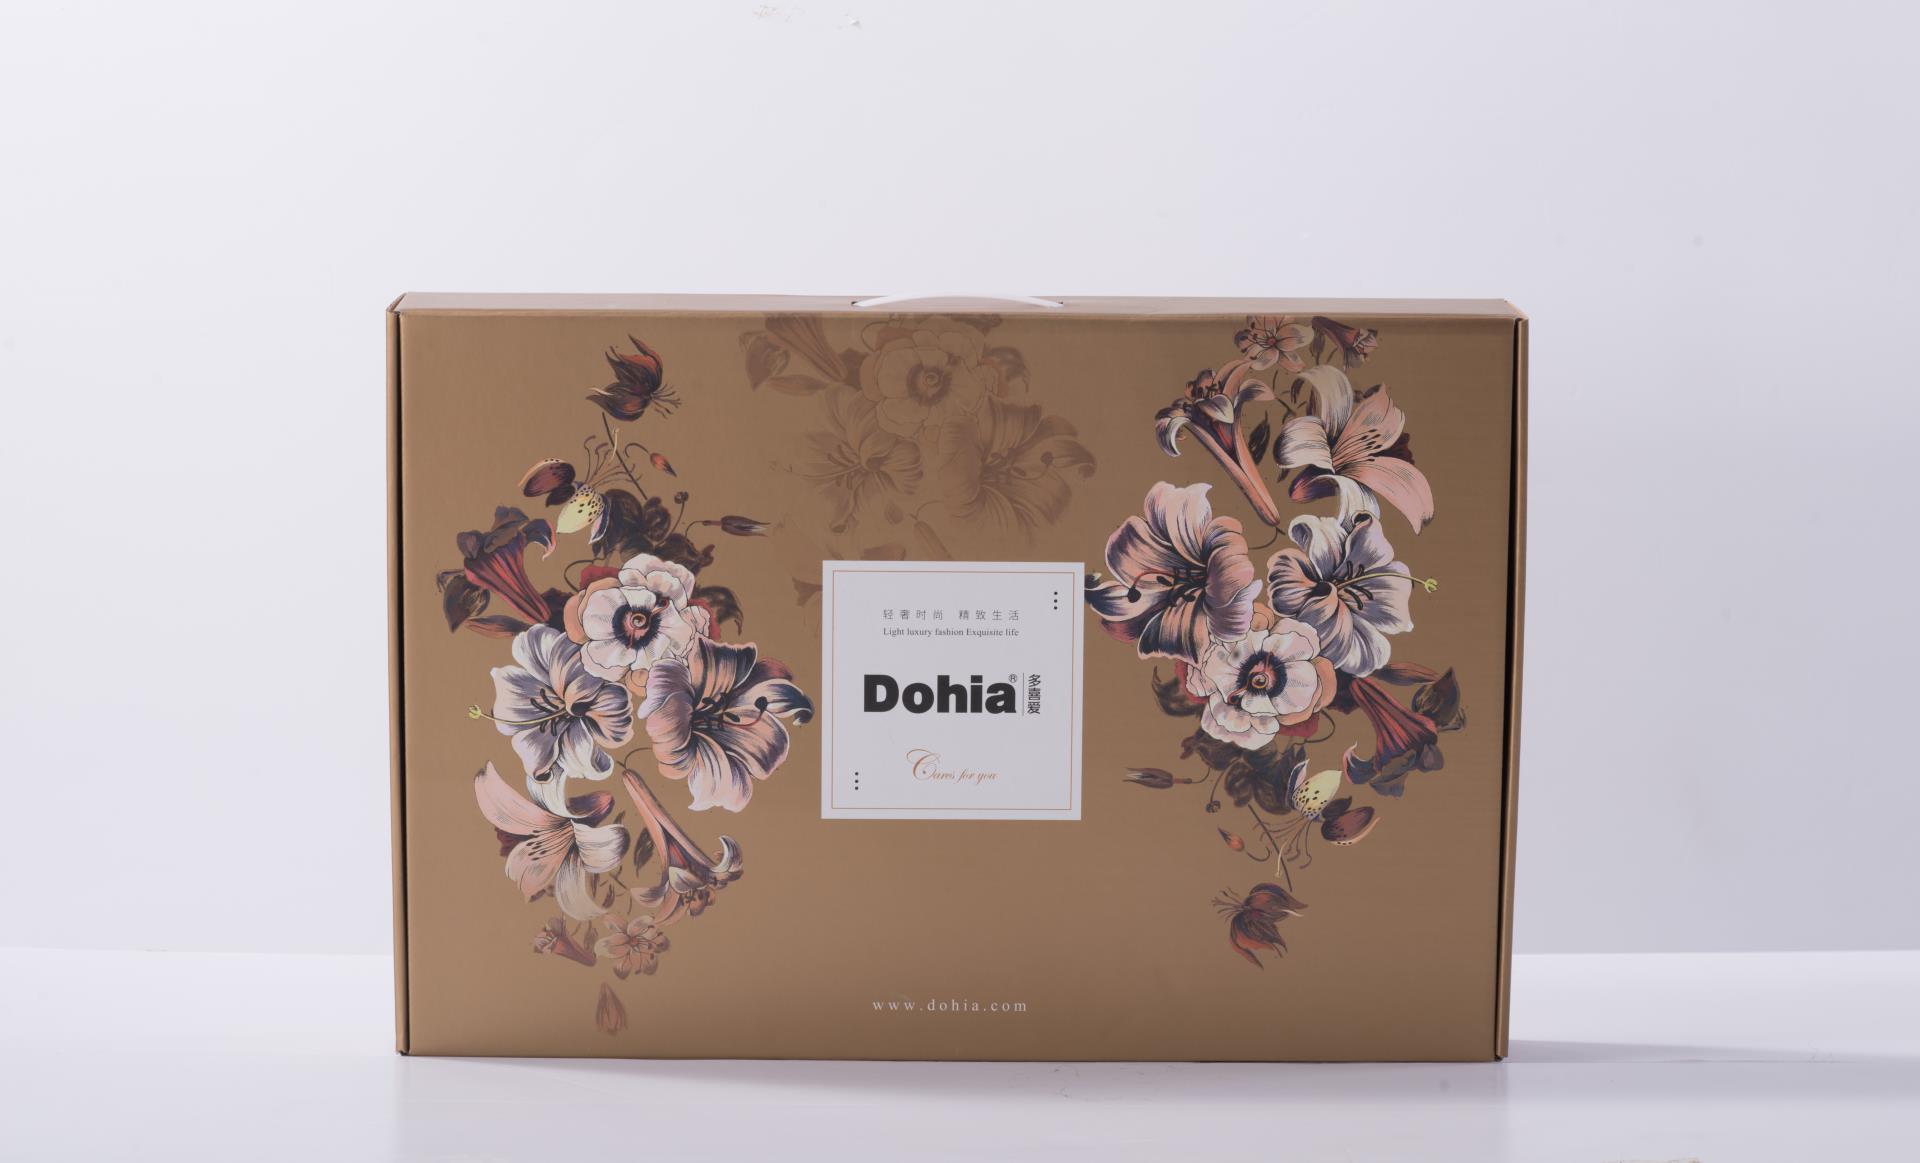 http://www.dohia.com/upload/201811/21/201811210944389502.jpg